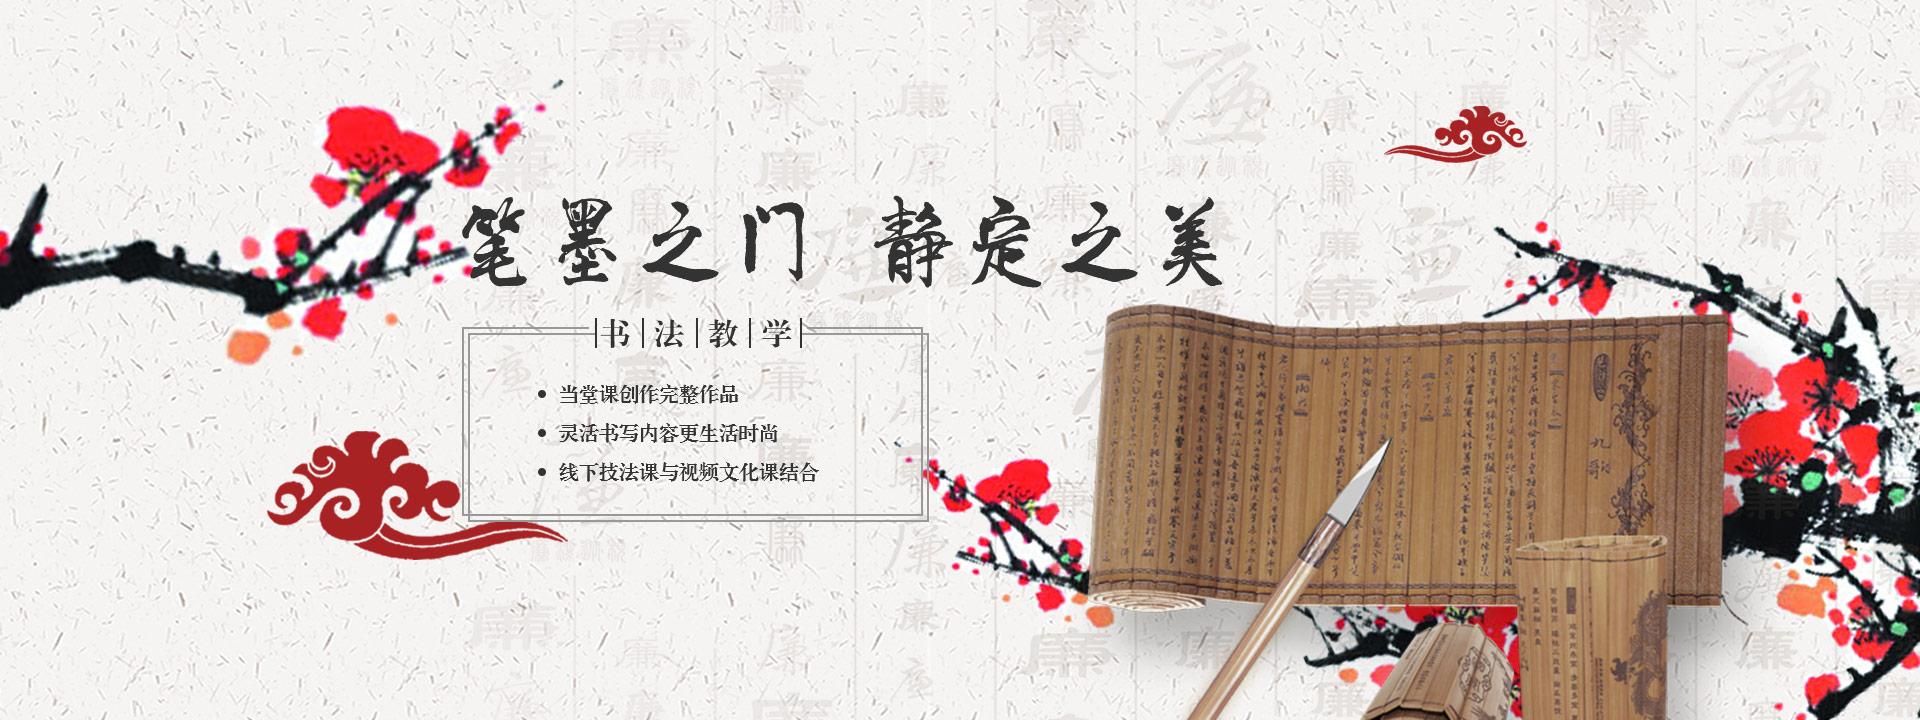 重庆书法培训